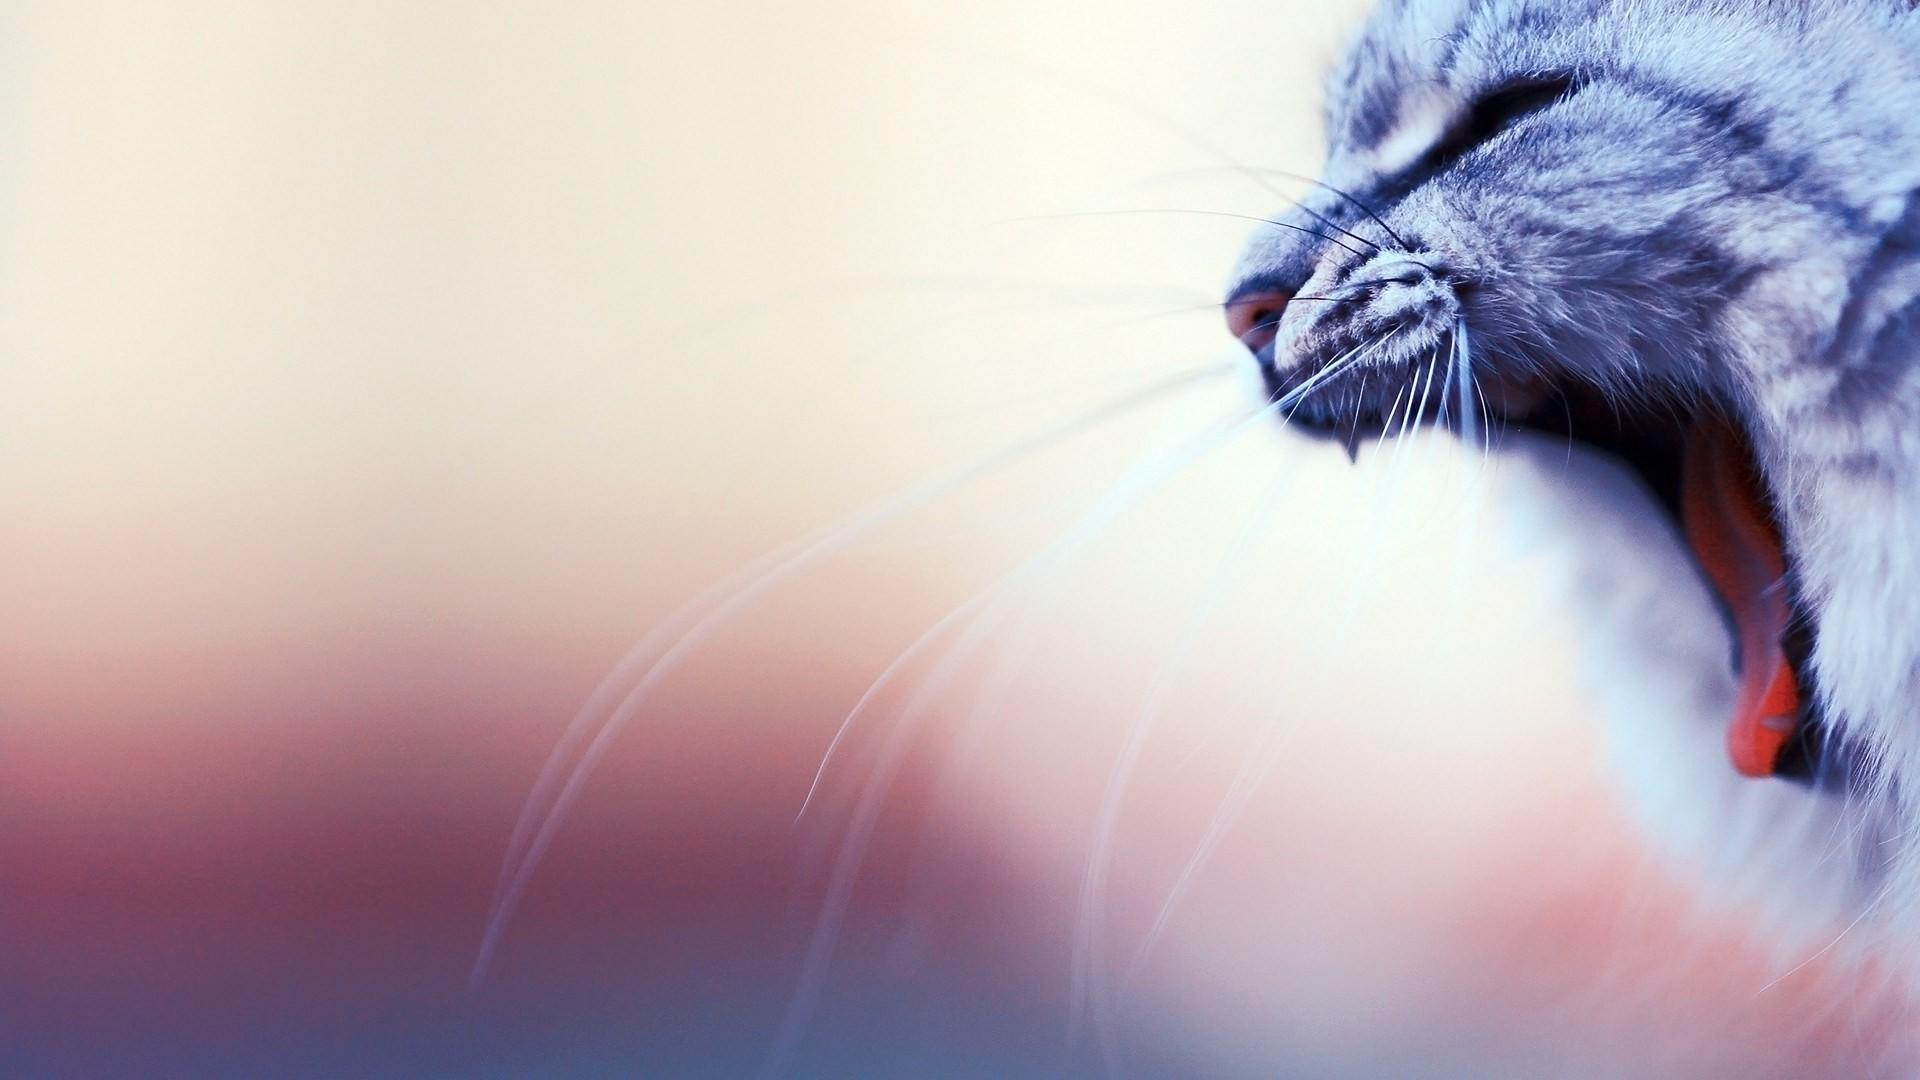 Cool Cat Mood Wallpaper 43374